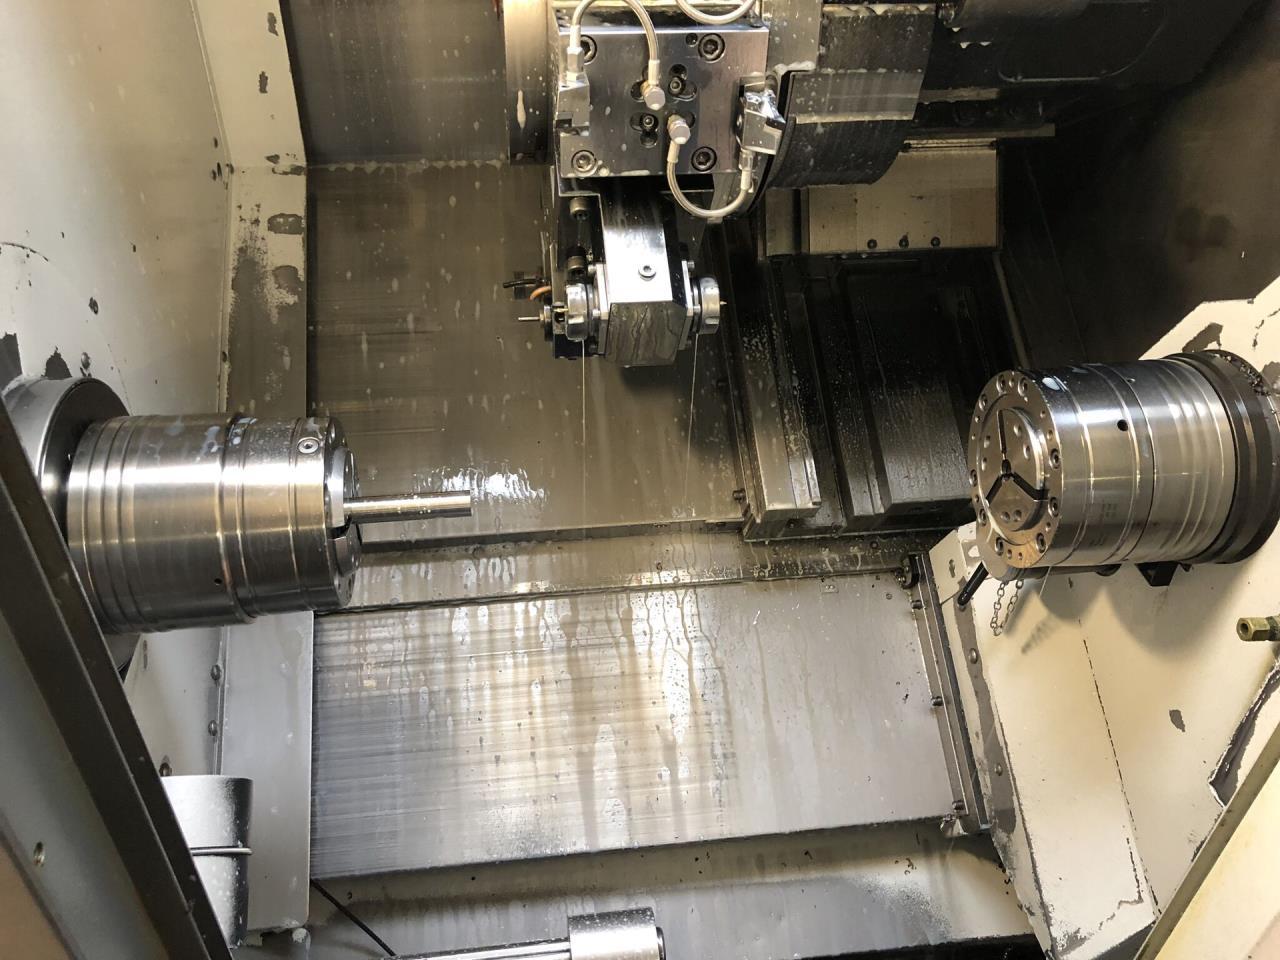 MORI SEIKI NL 1500 SY/500   CNC turning lathe  